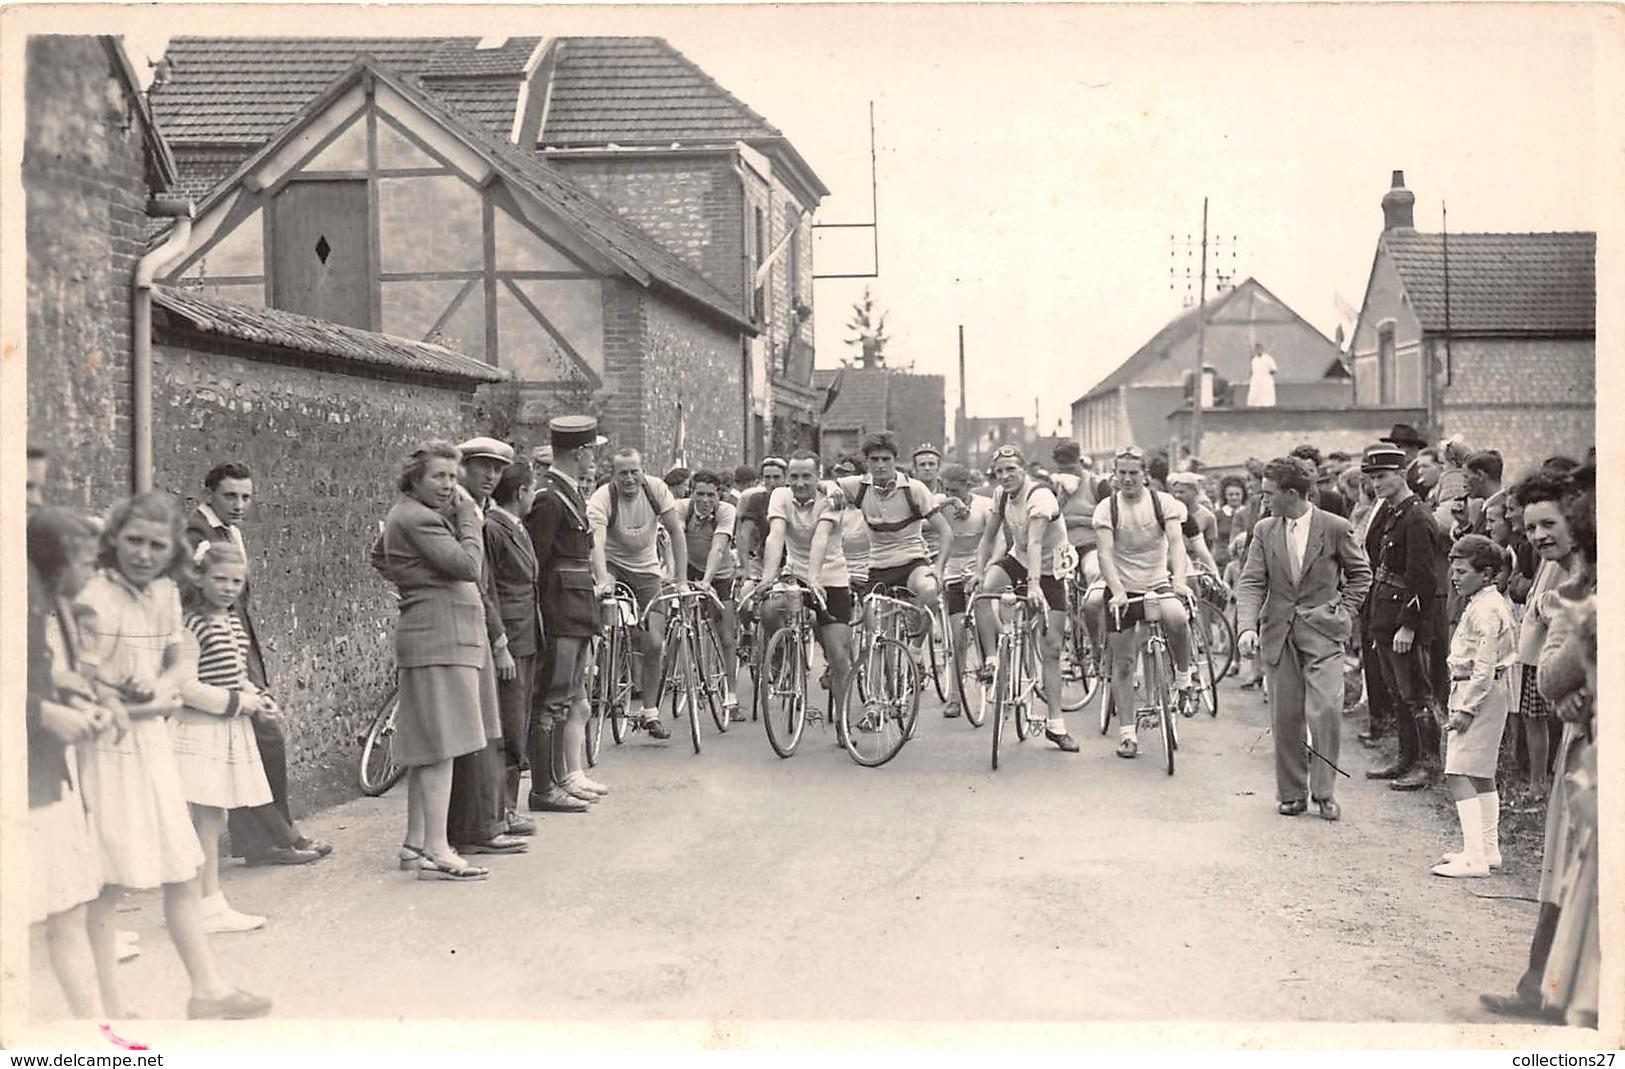 CYCLISTES- CARTE-PHOTO- A SIRUER DEPART D'UNE COURSE - Cyclisme